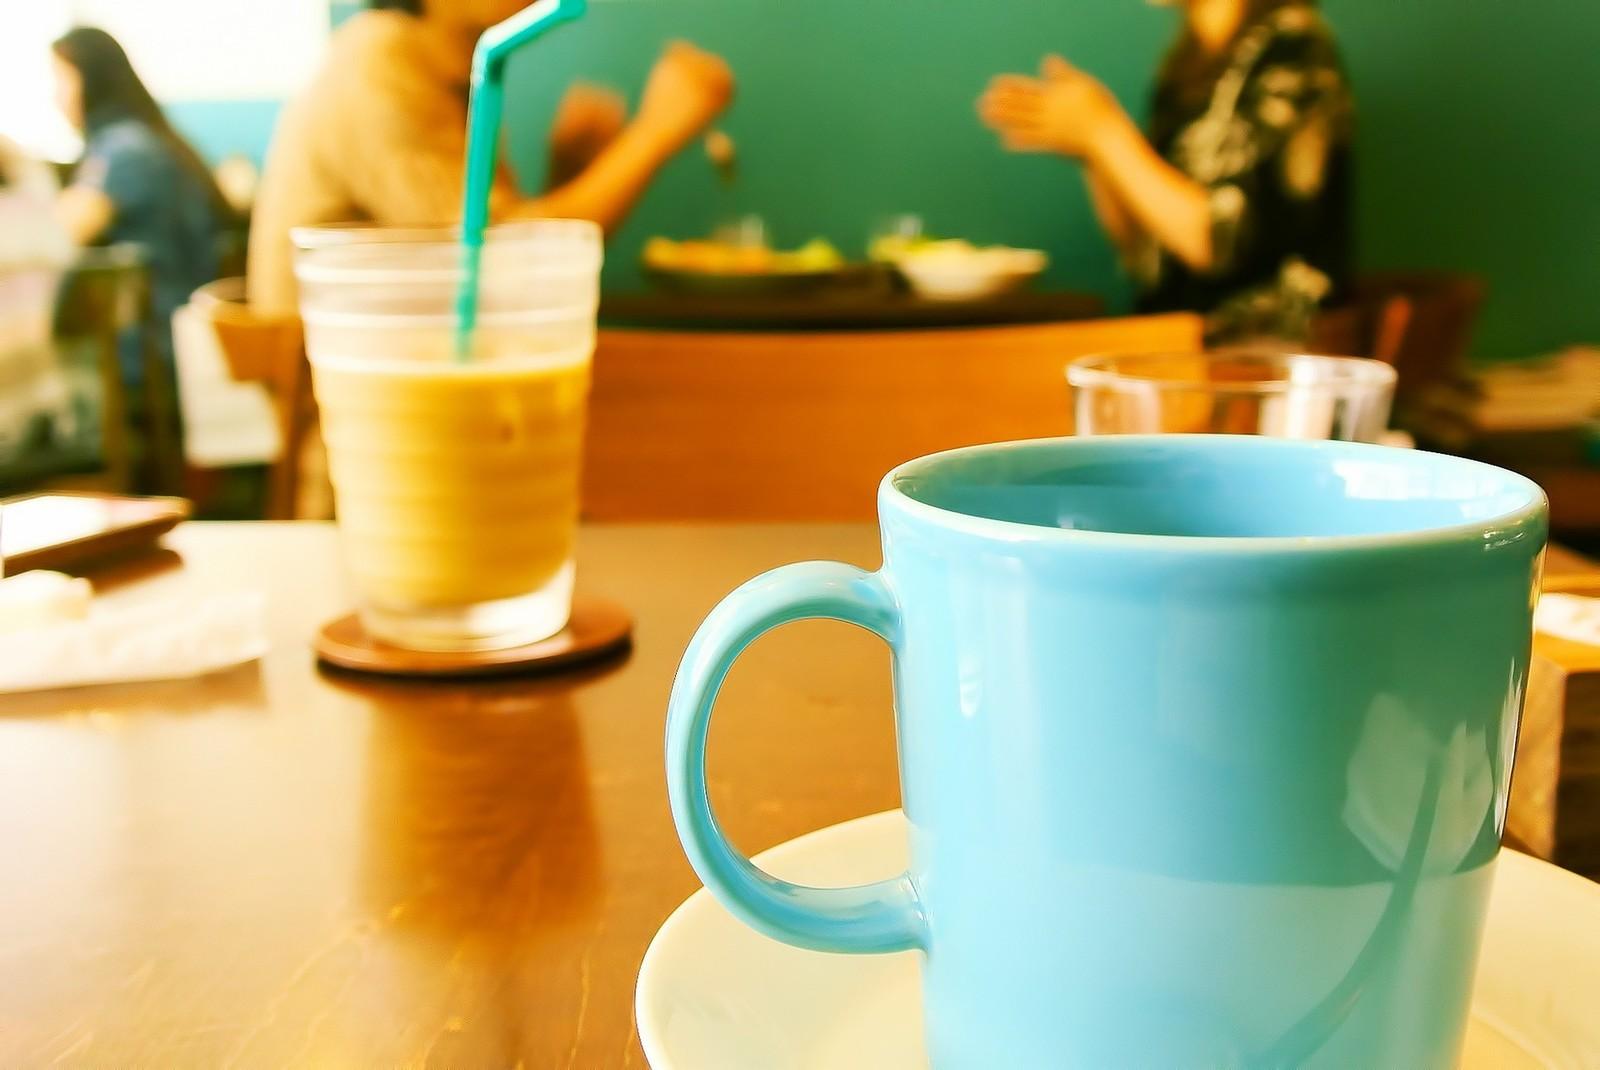 国分寺のおすすめカフェを厳選!ランチやスイーツがおいしい穴場あり!